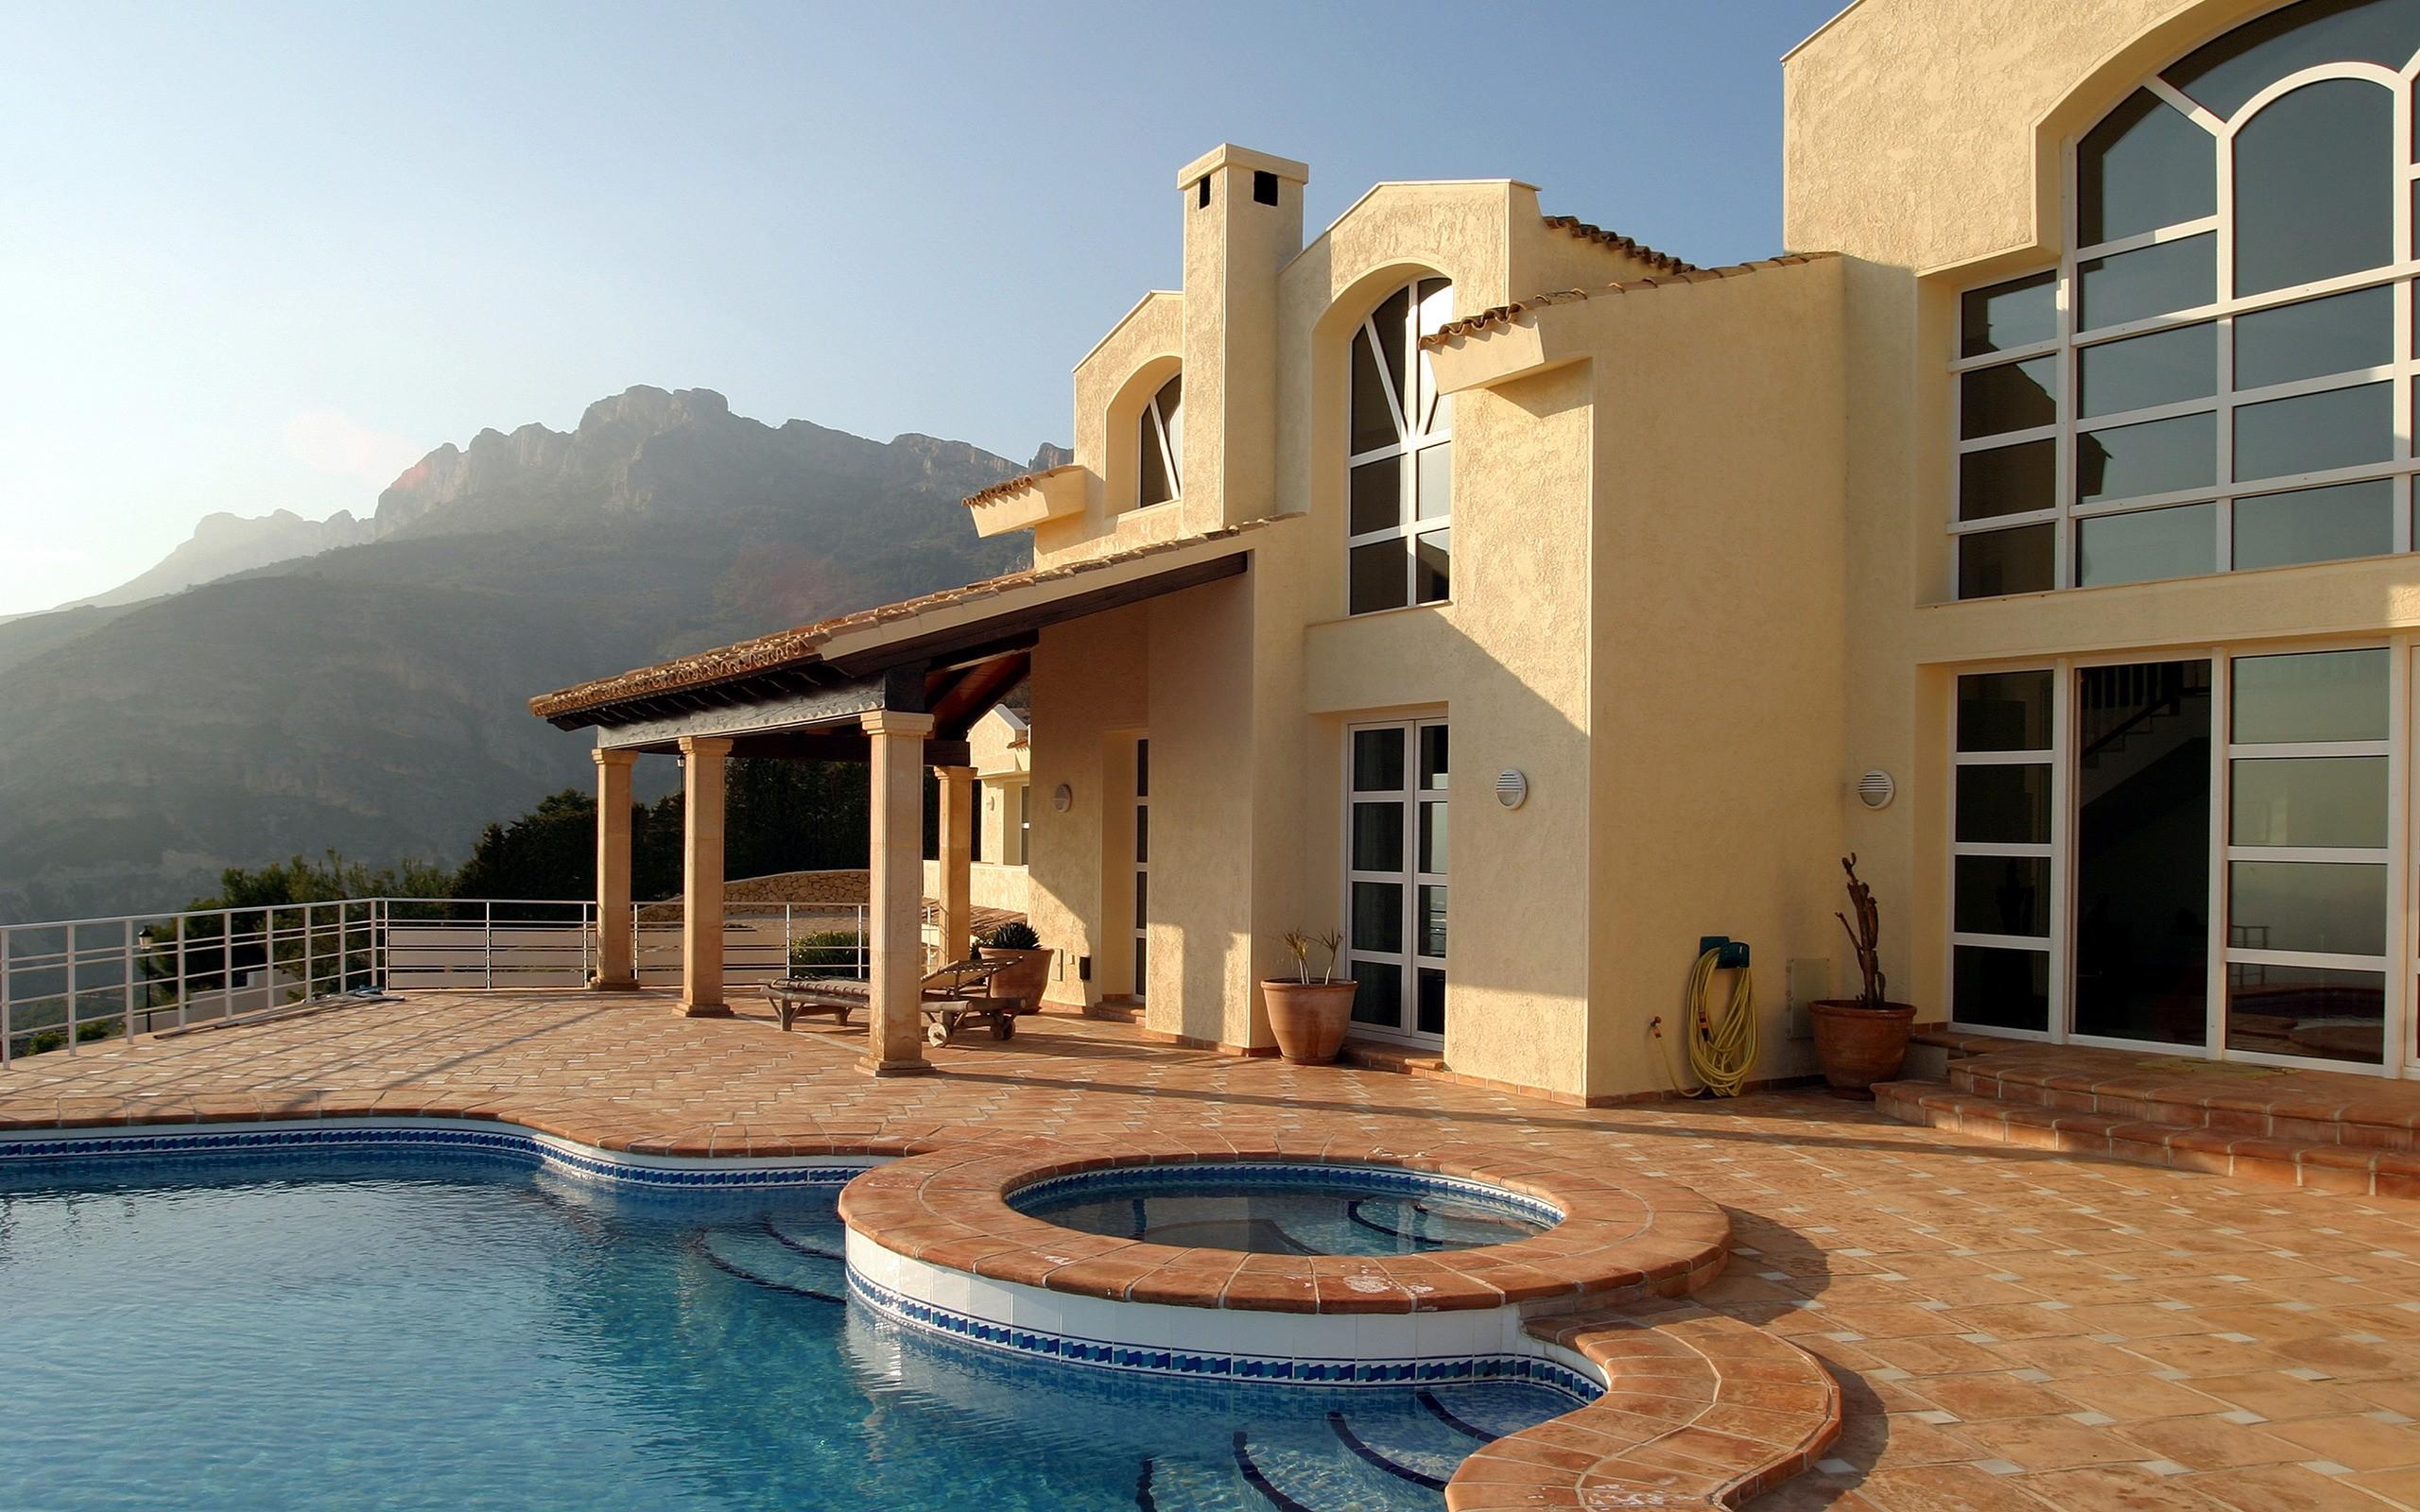 Arquitectura de Casa con piscina - 2560x1600